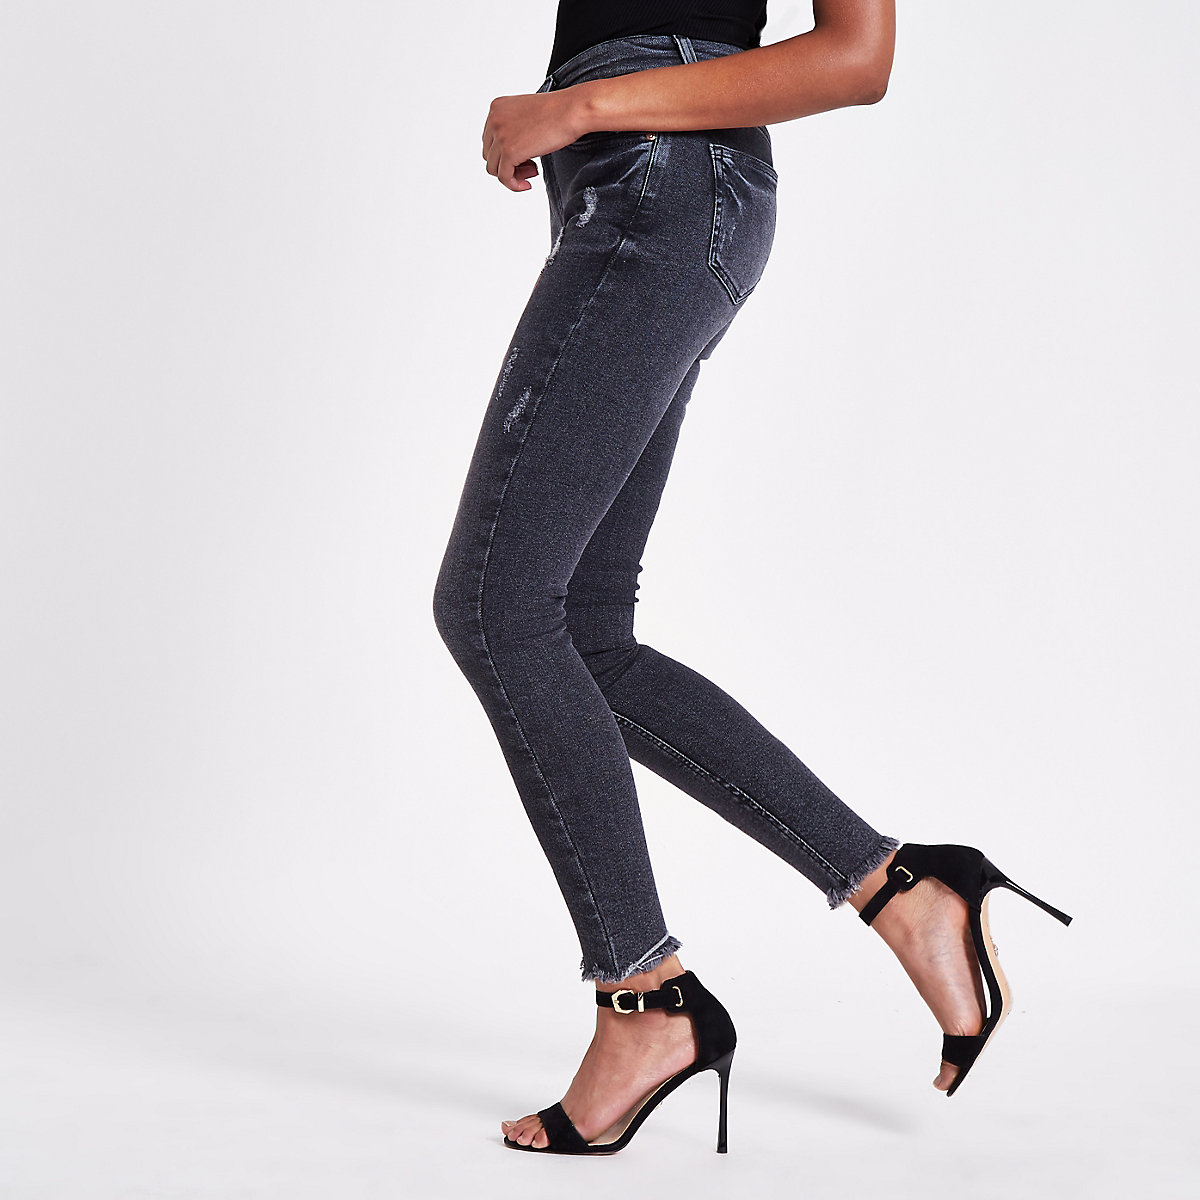 Black Rl Amelie super skinny jeans